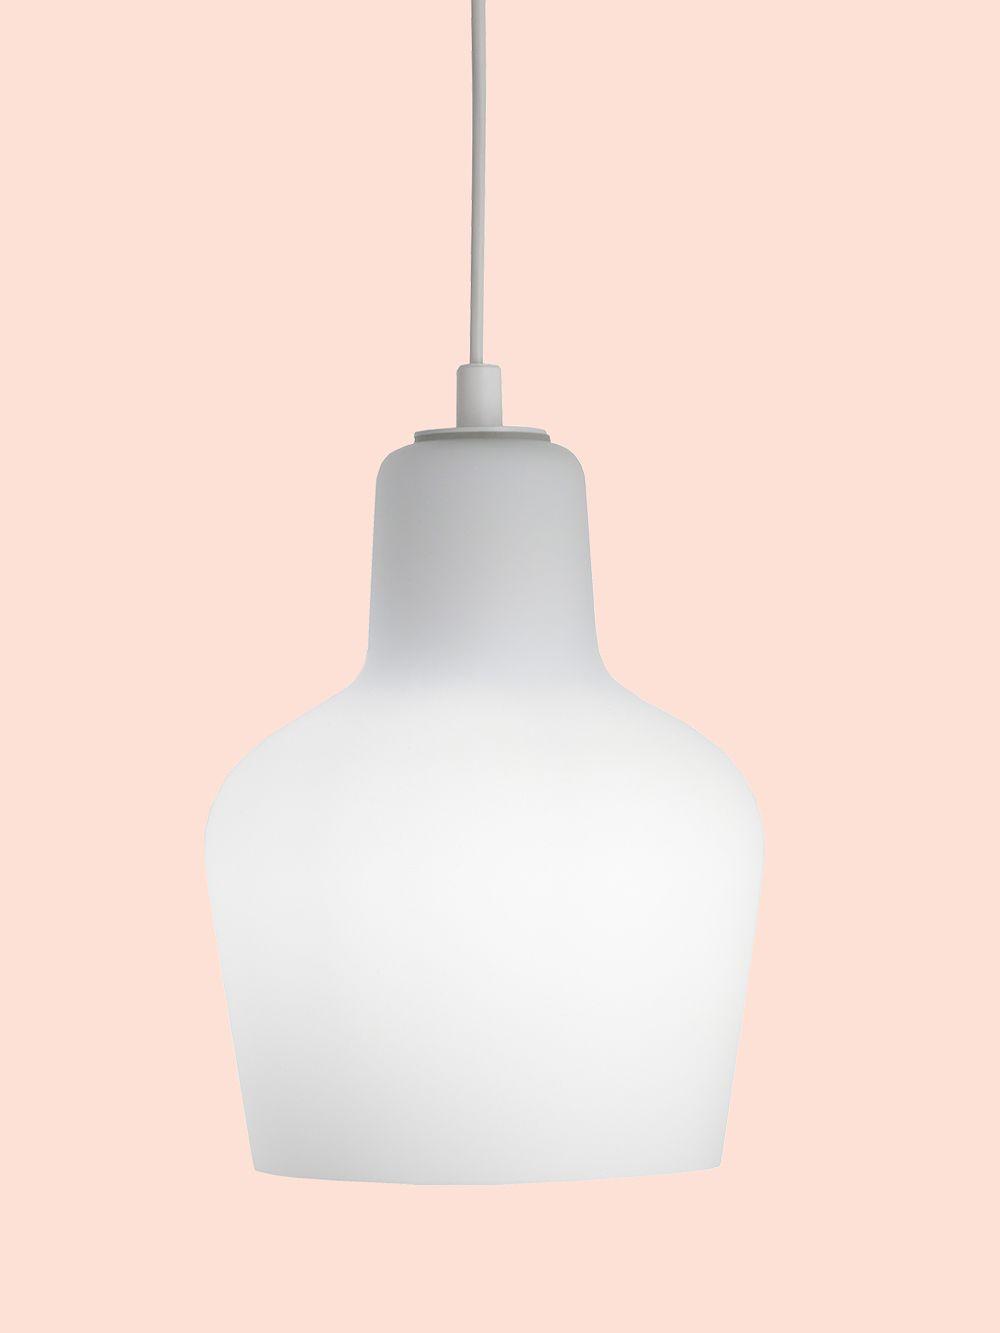 Artek A440 pendant light